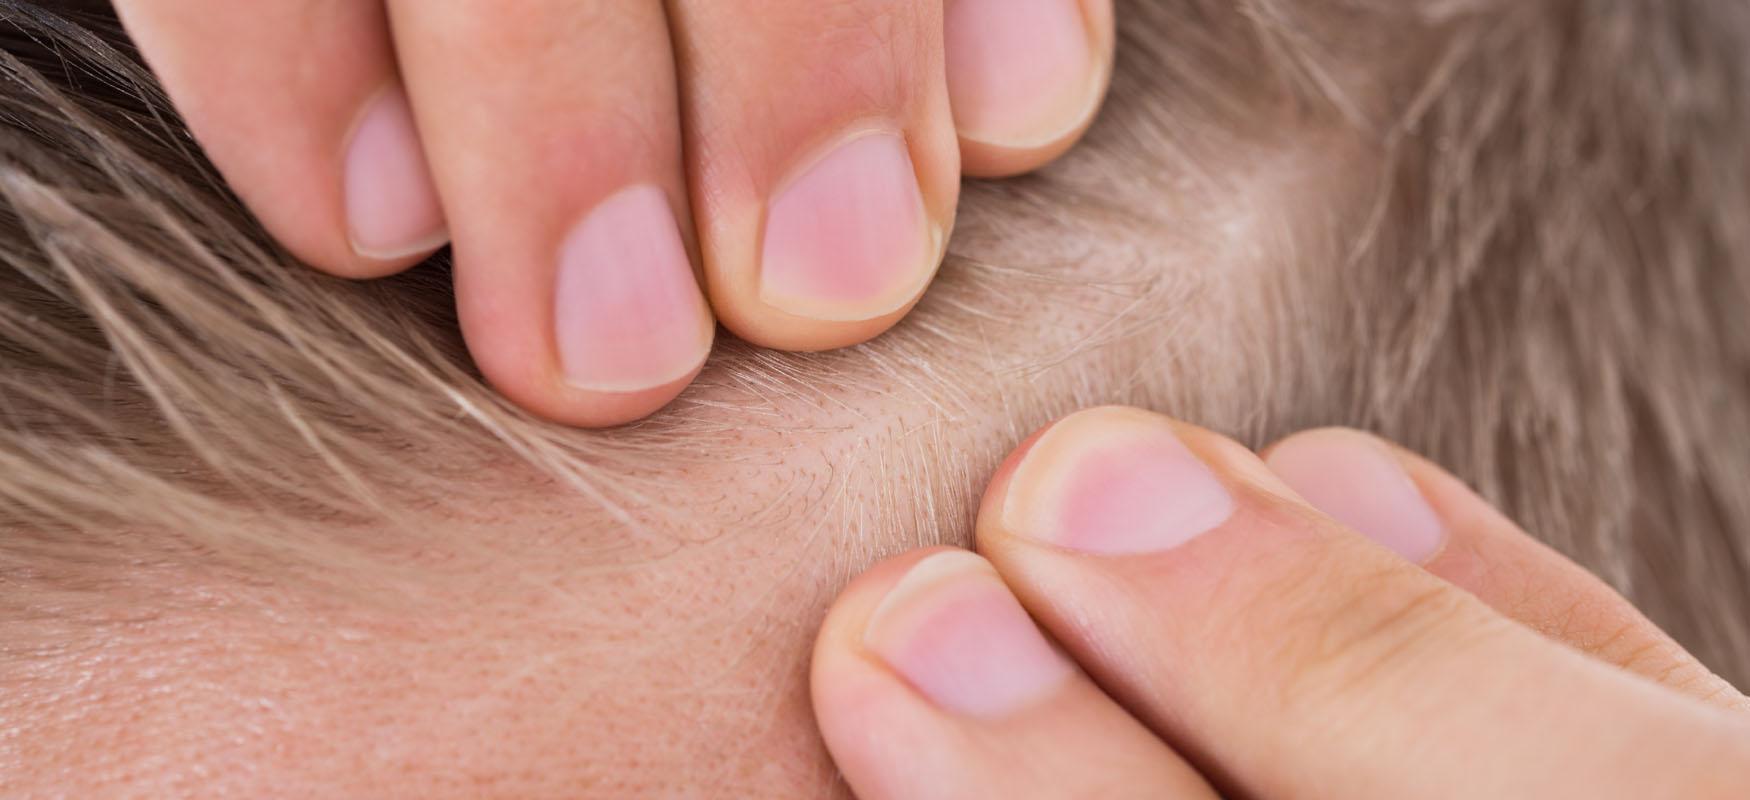 Łysienie androgenowe – przyczyny, jak leczyć?